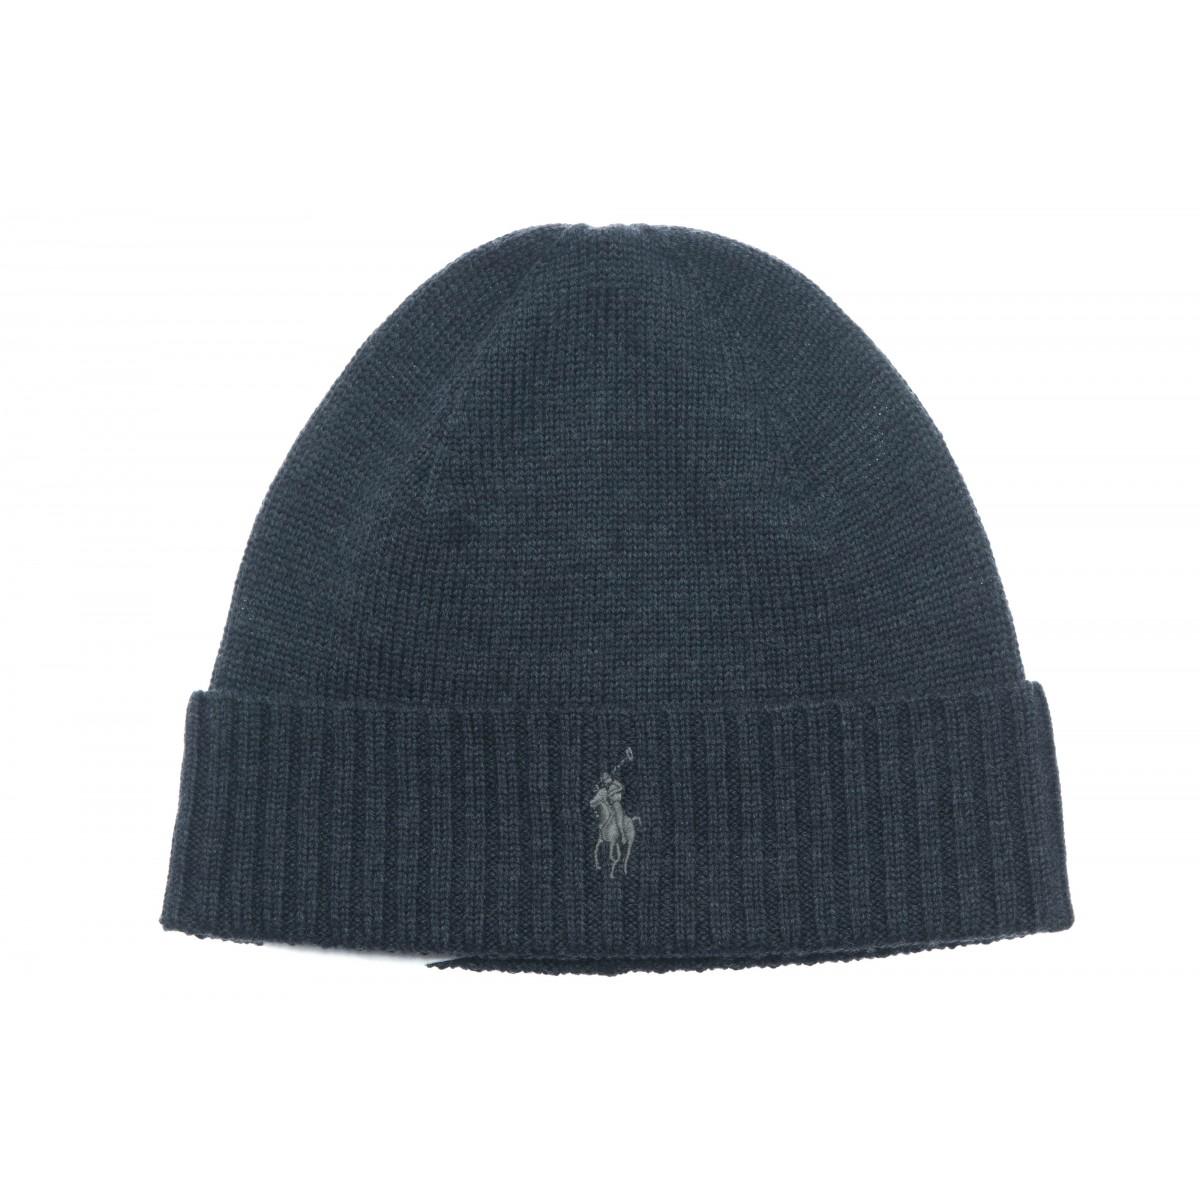 Berretto - 761415 berretto